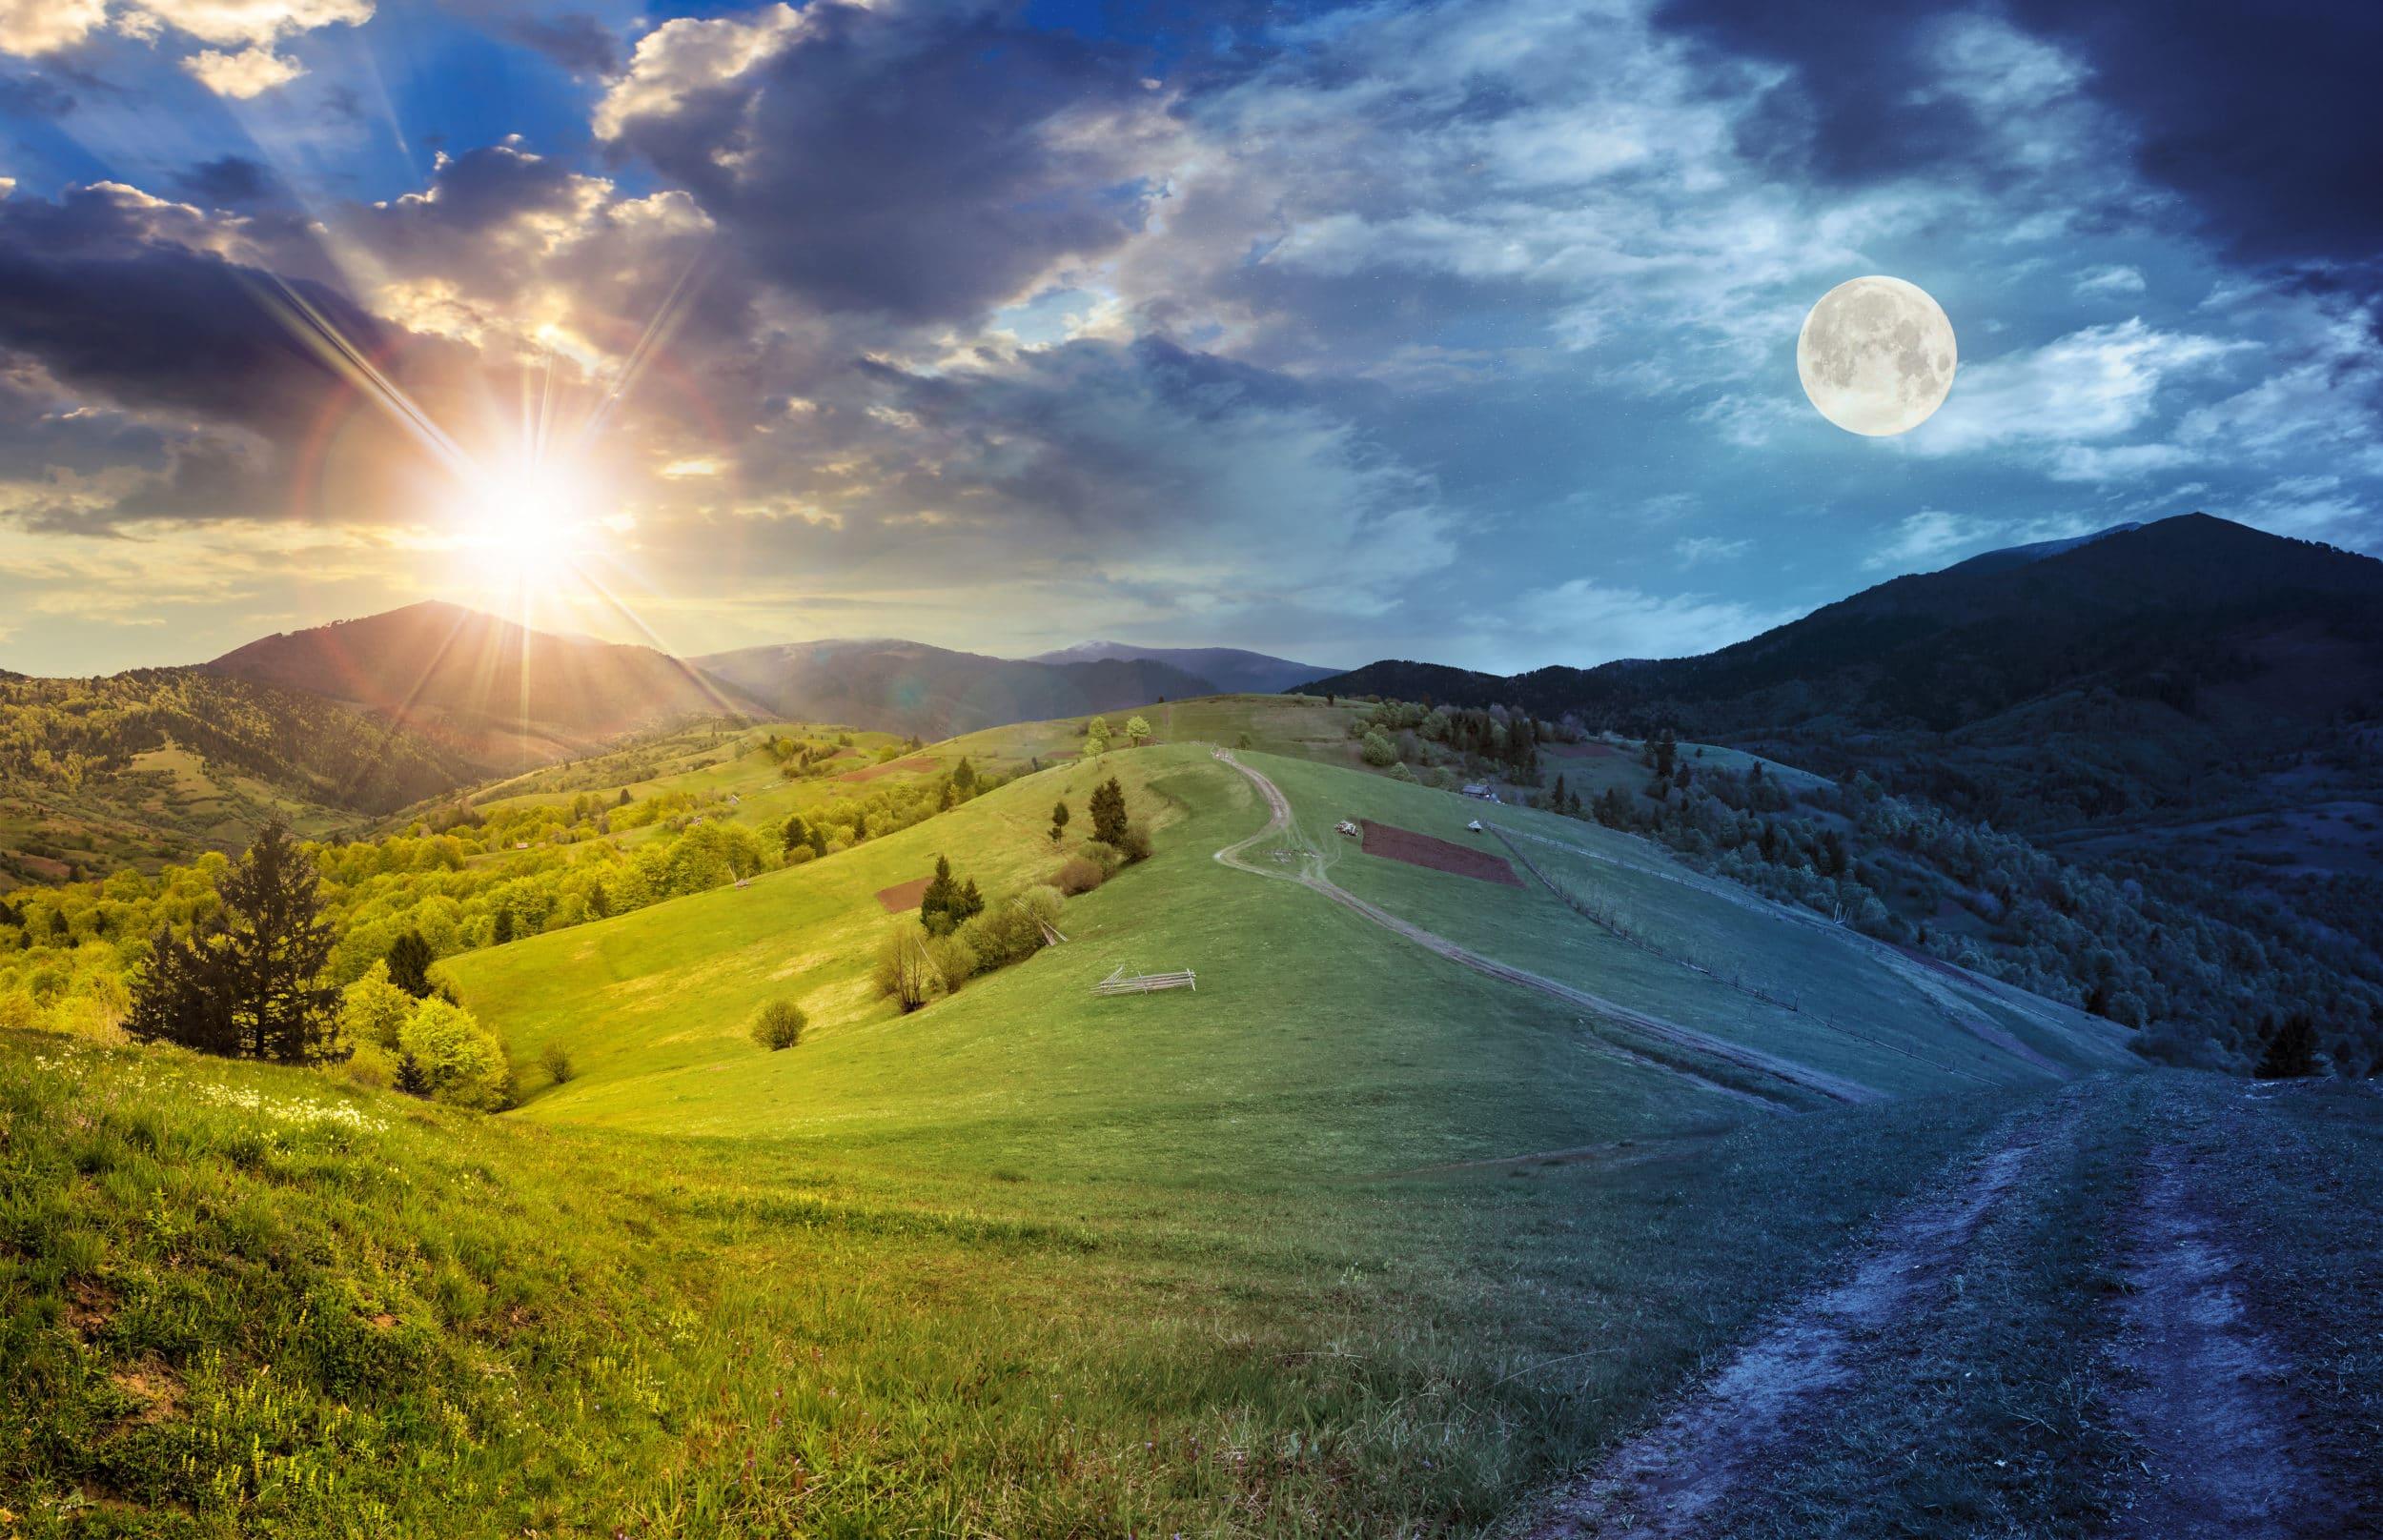 春分の日と秋分の日の意味は正反対という雑学